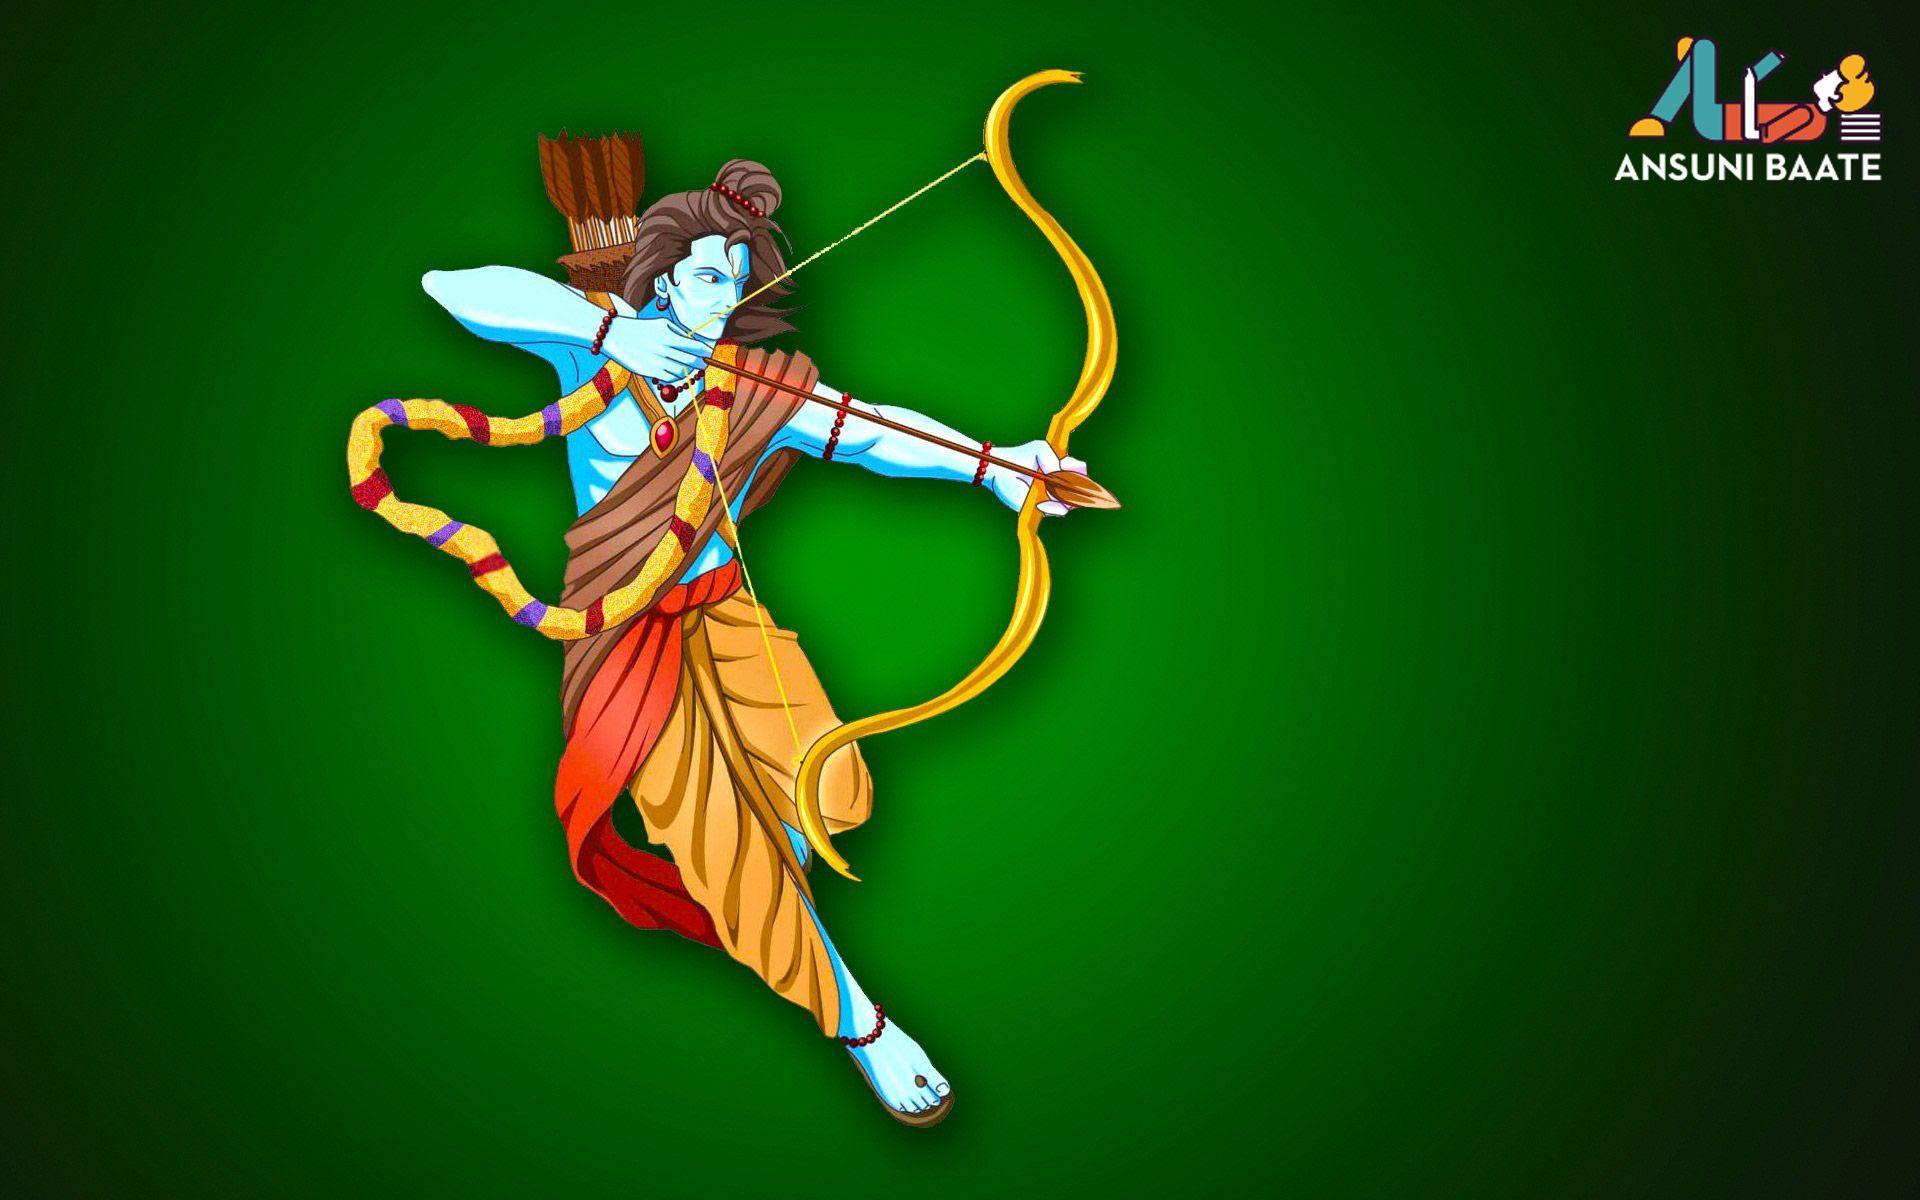 1920x1200 Shri Ram Photo & HD Sri Ram Image Gallery Tải xuống miễn phí